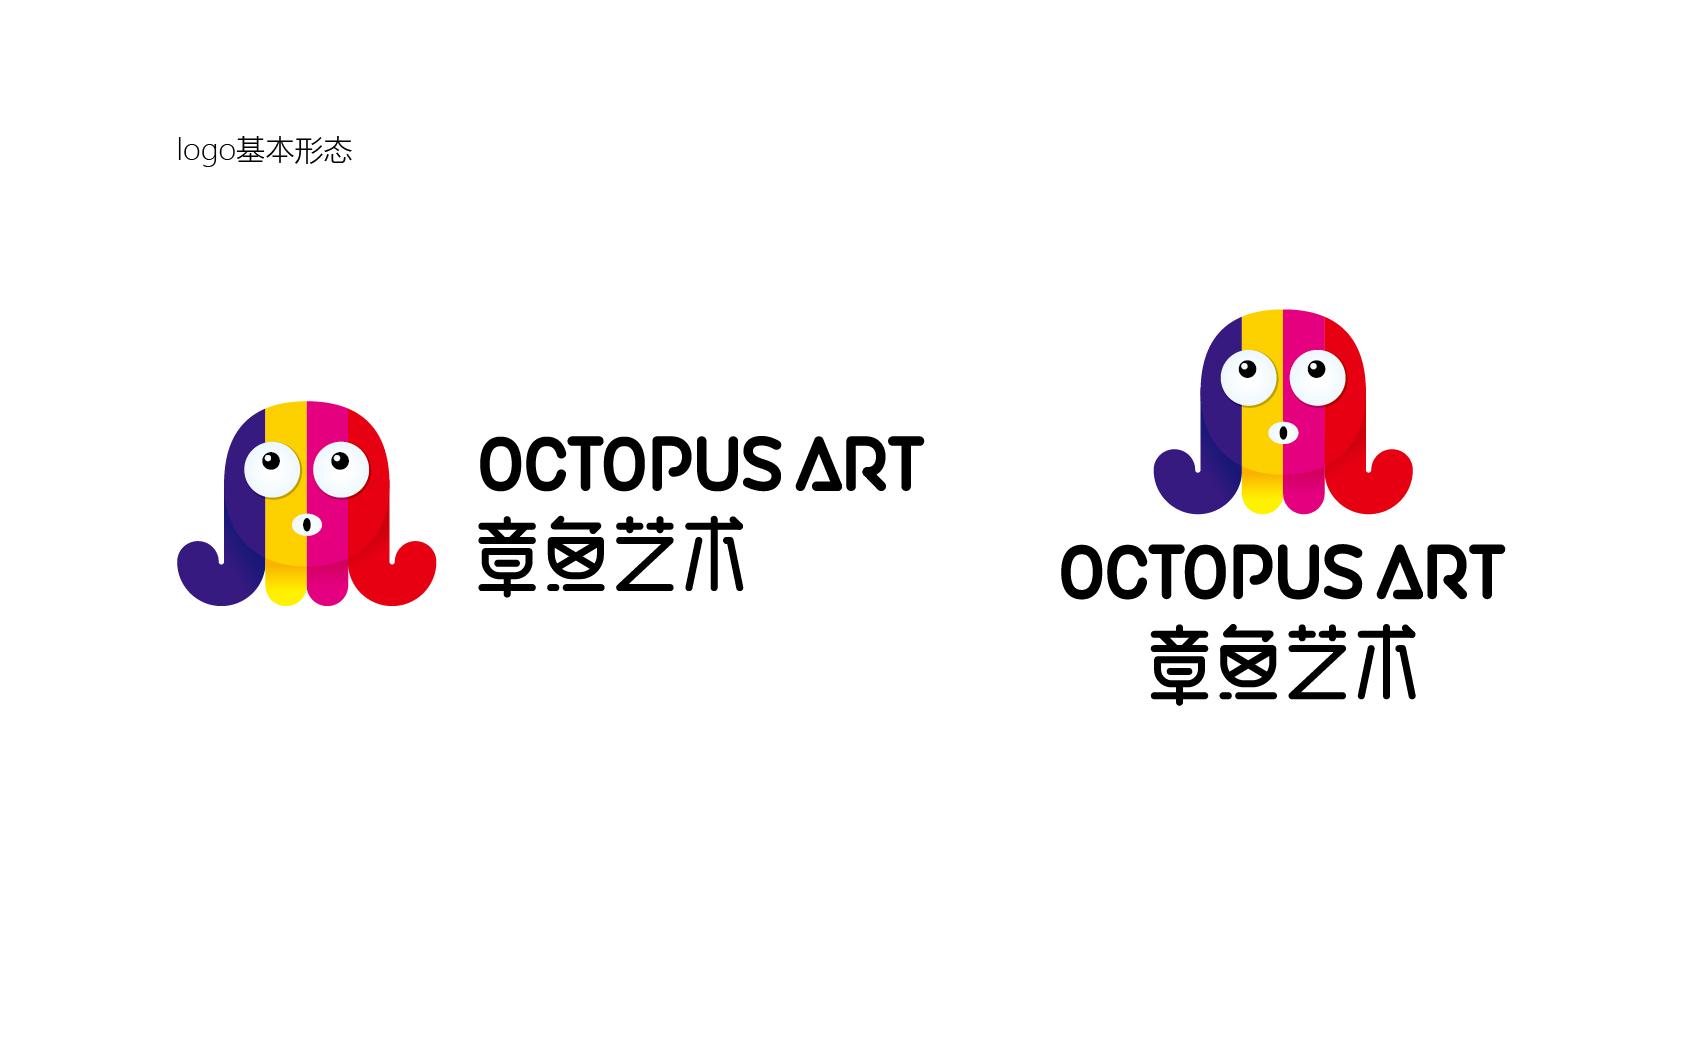 章鱼艺术品牌LOGO设计